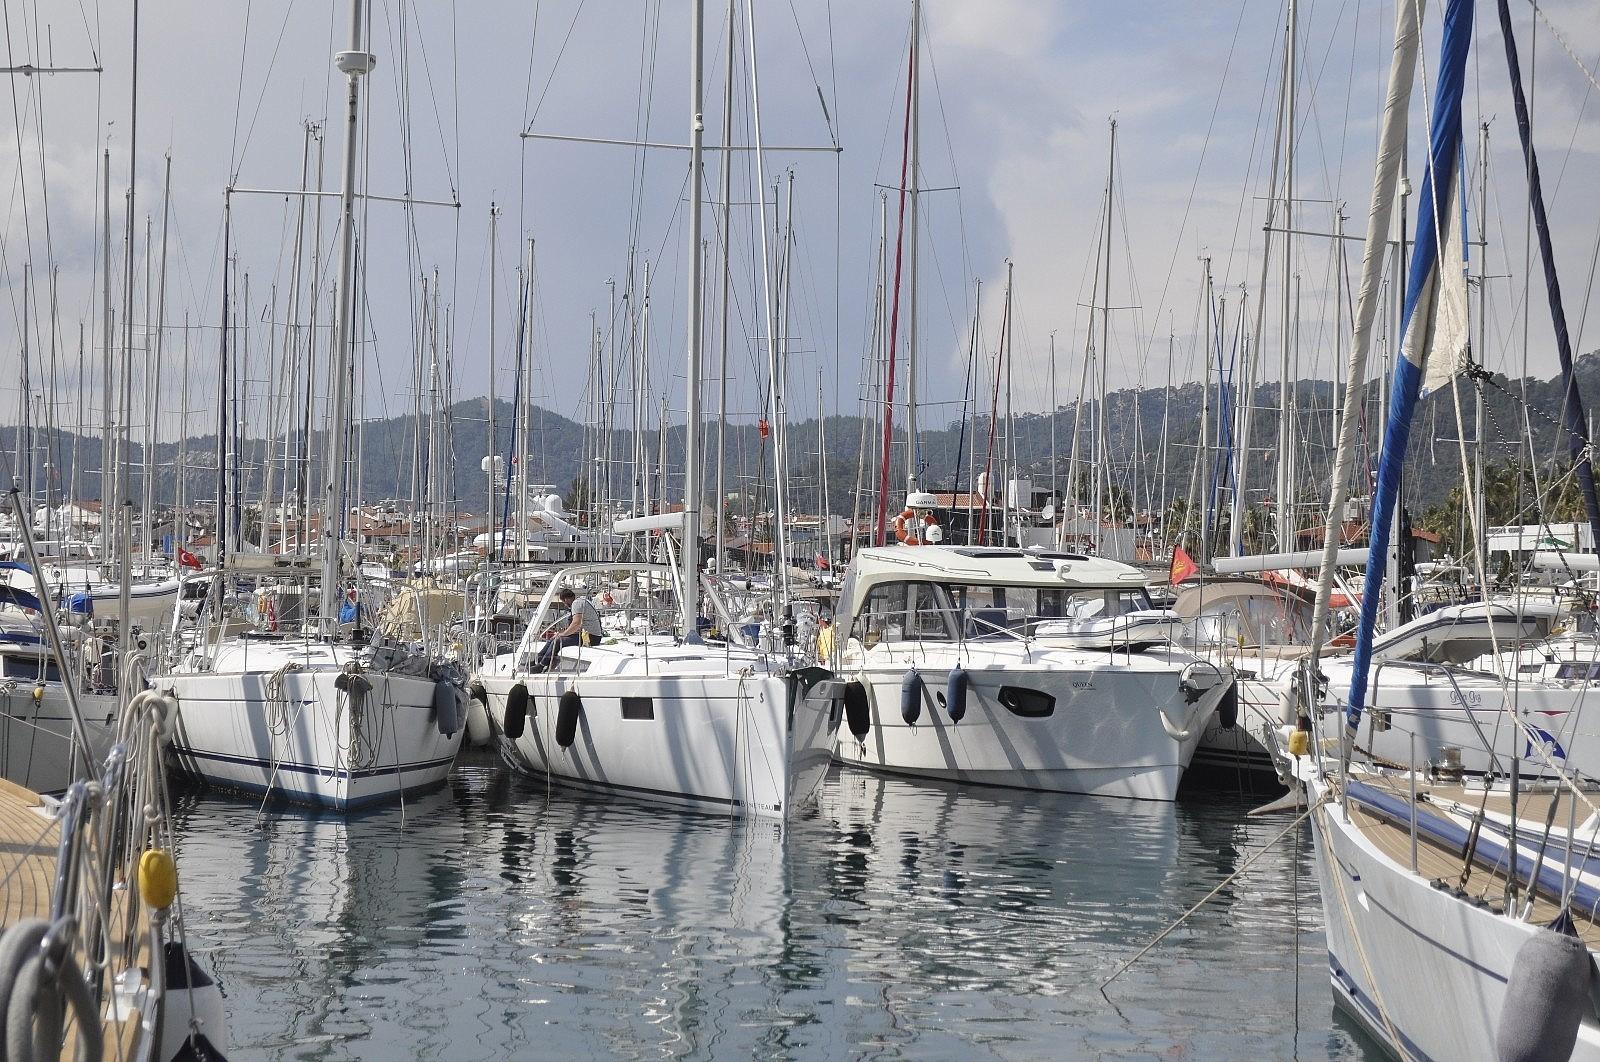 2021/04/luks-teknelere-karsi-olusan-ilgi-2021de-de-devam-ediyor-20210402AW28-1.jpg